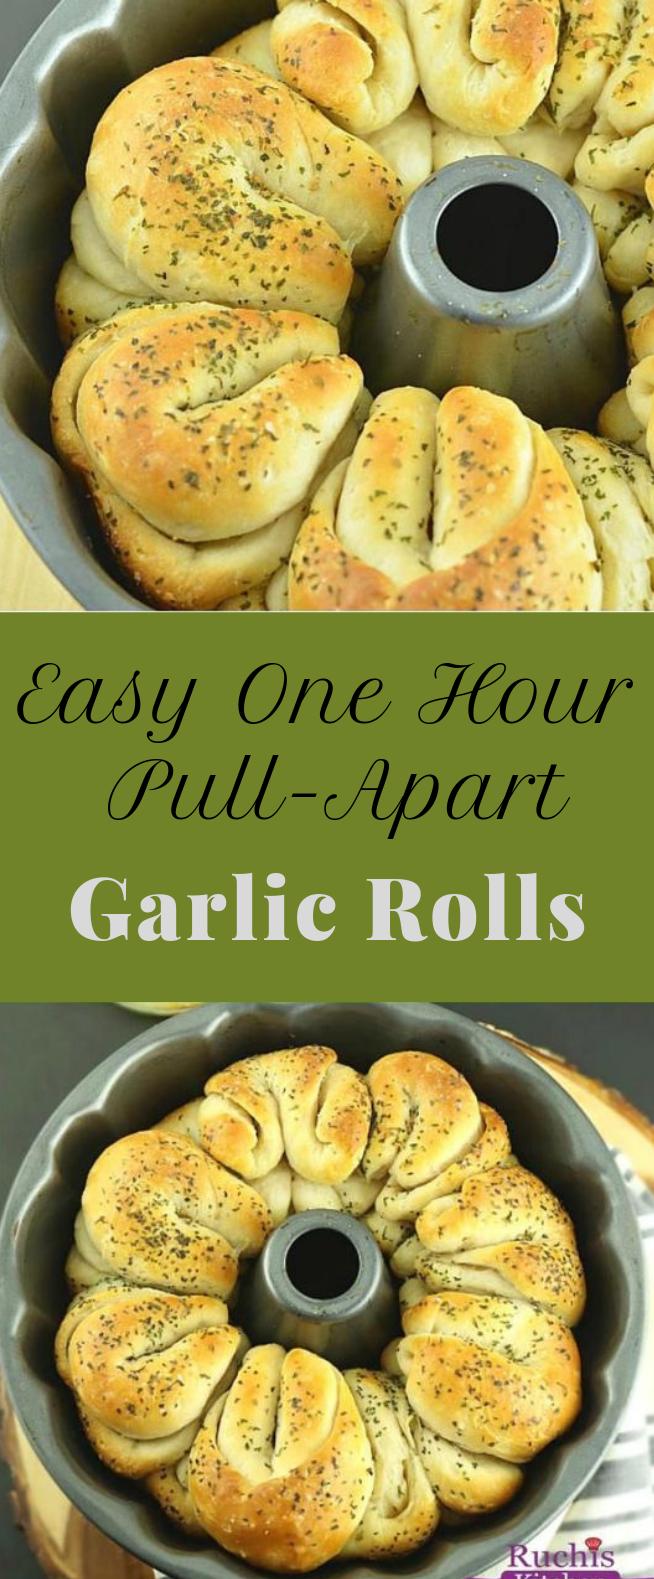 EASY ONE HOUR PULL-APART GARLIC ROLLS #vegan #rolls